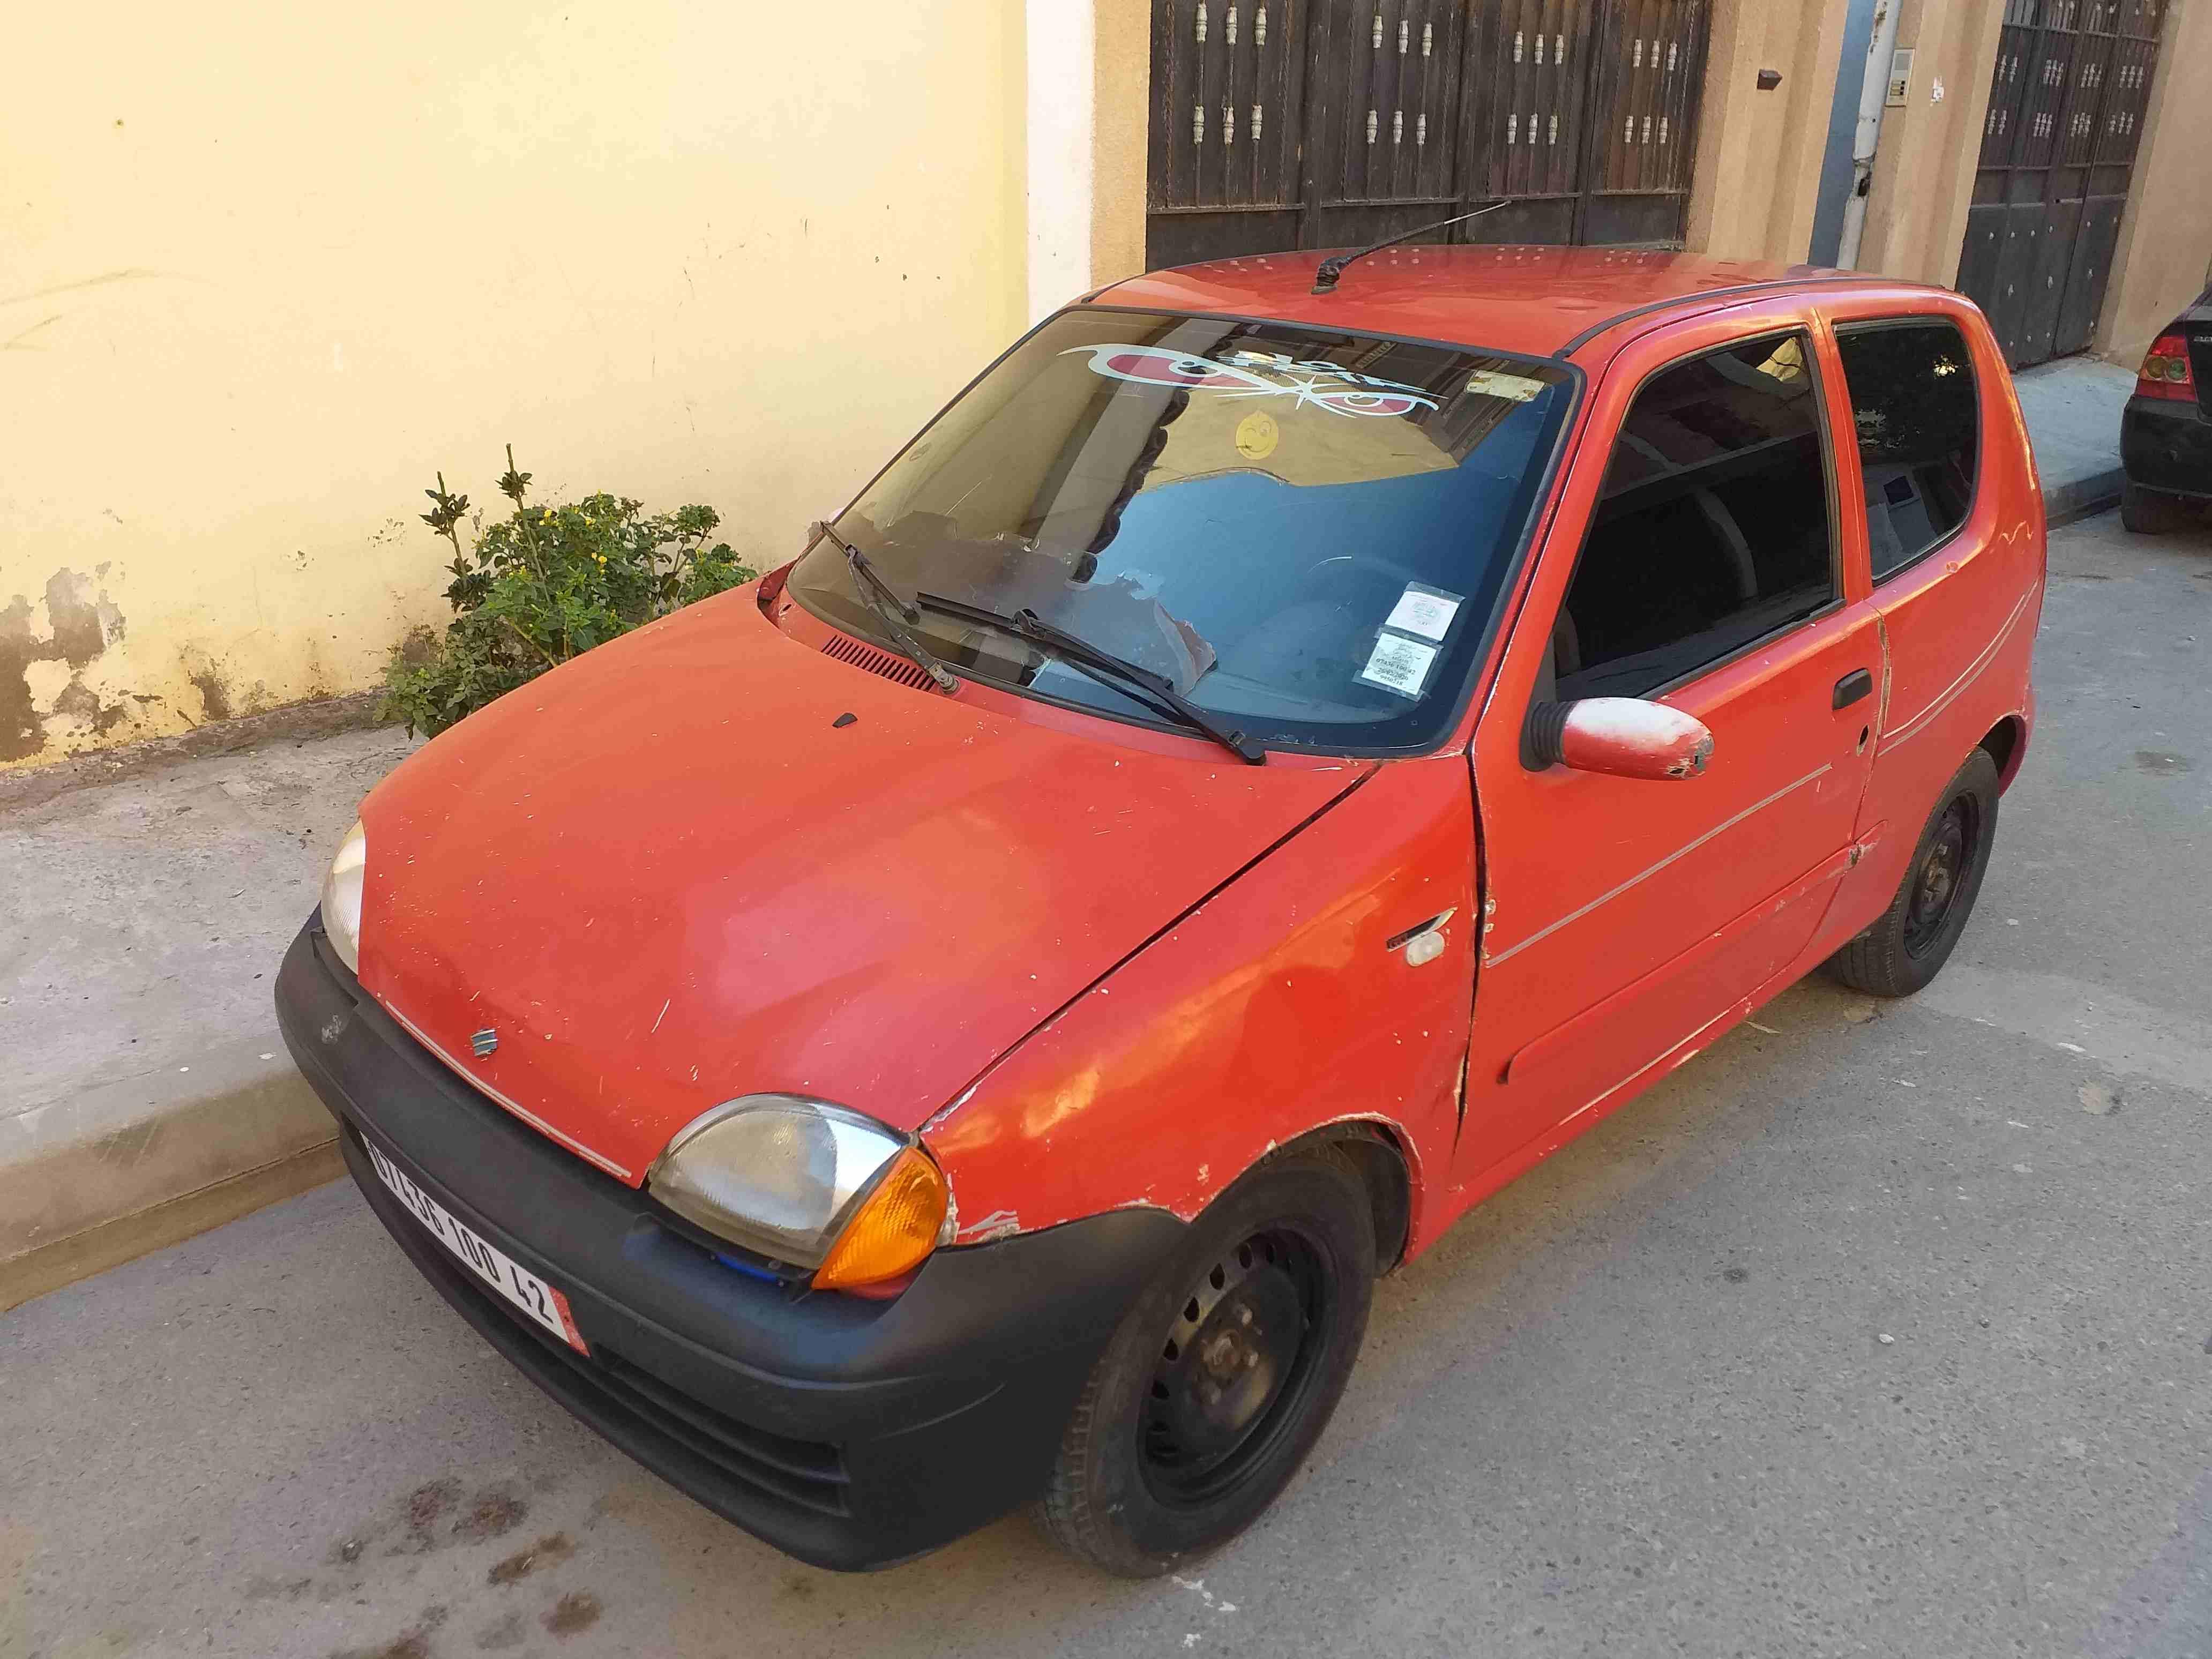 Fiat Seicento 2000 Kolchi m3awad djdiid w sajaj 9afla w Kolchi...